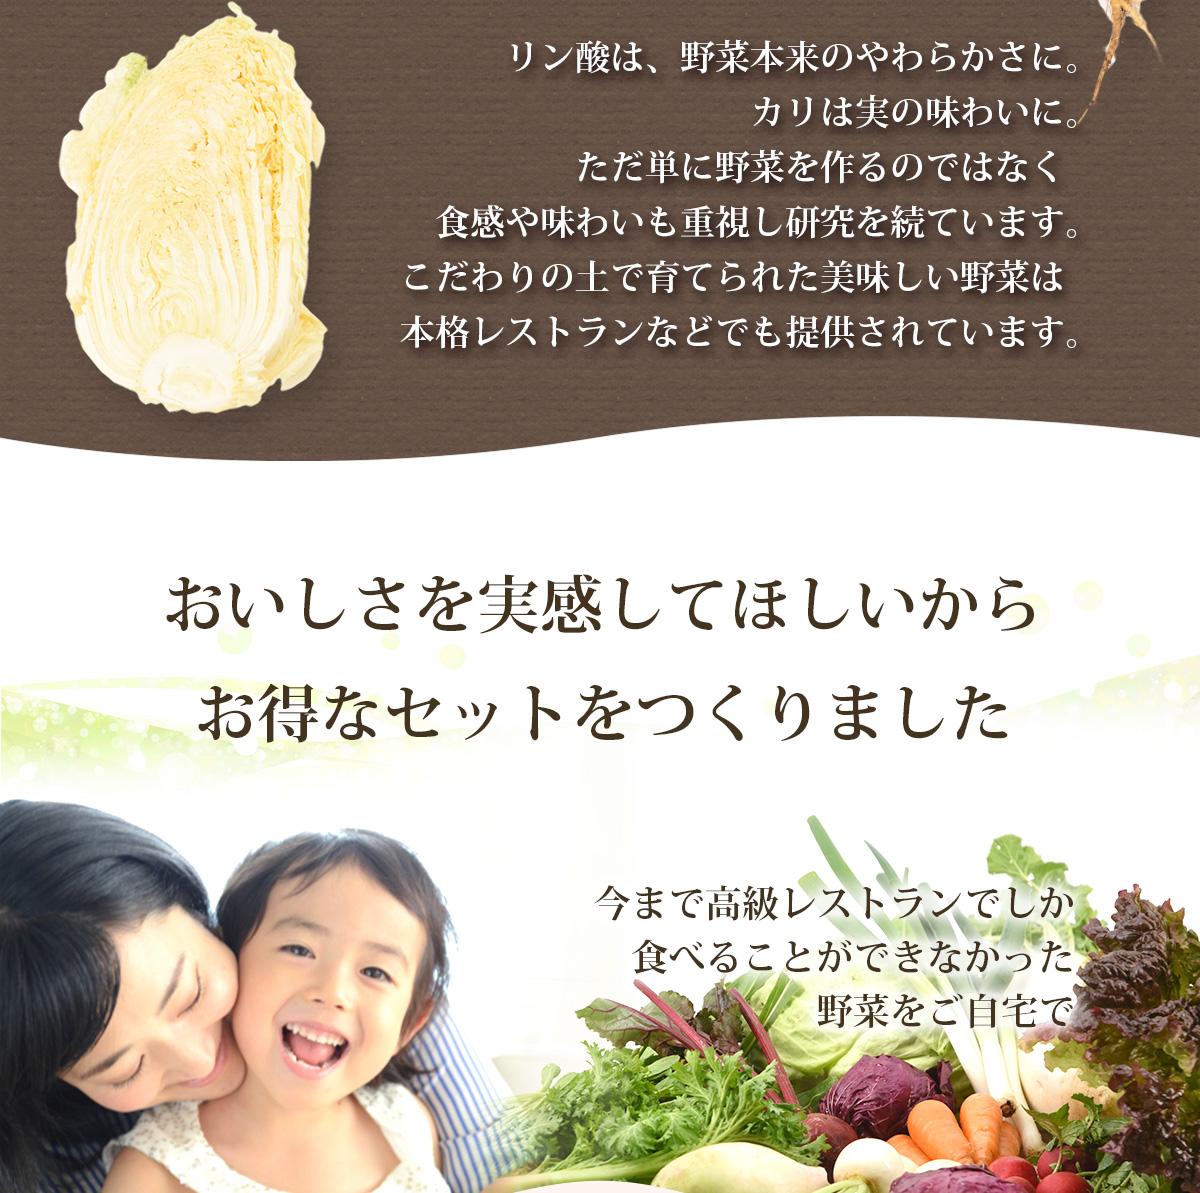 箱根南麓の伊豆の野菜セット15品目(機能性野菜を中心とした旬の野菜)伊豆メディカル農園